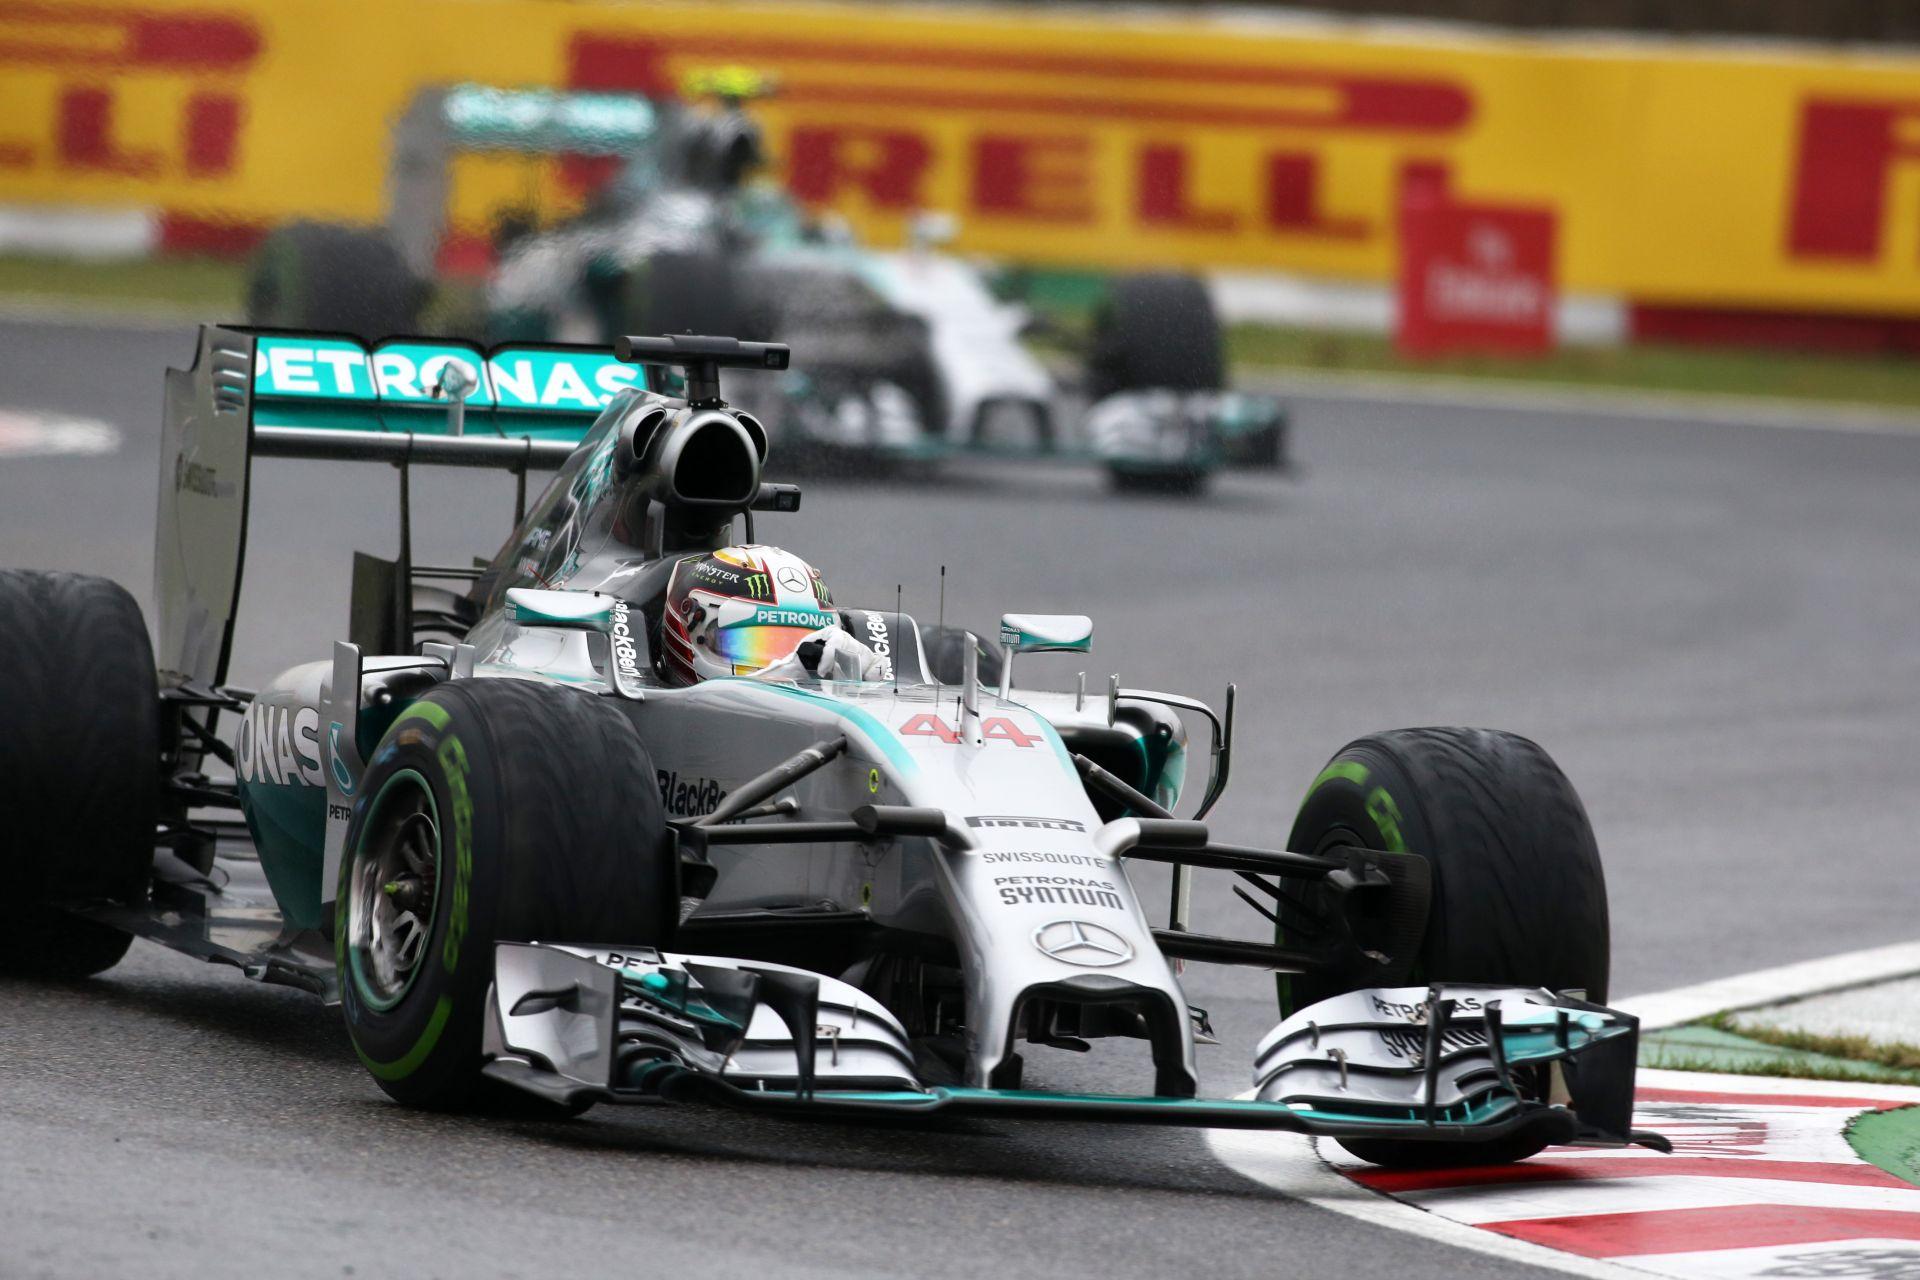 Hamilton gyönyörű előzése Rosberg ellen Suzukában: Felfalta a németet a vizes pályán